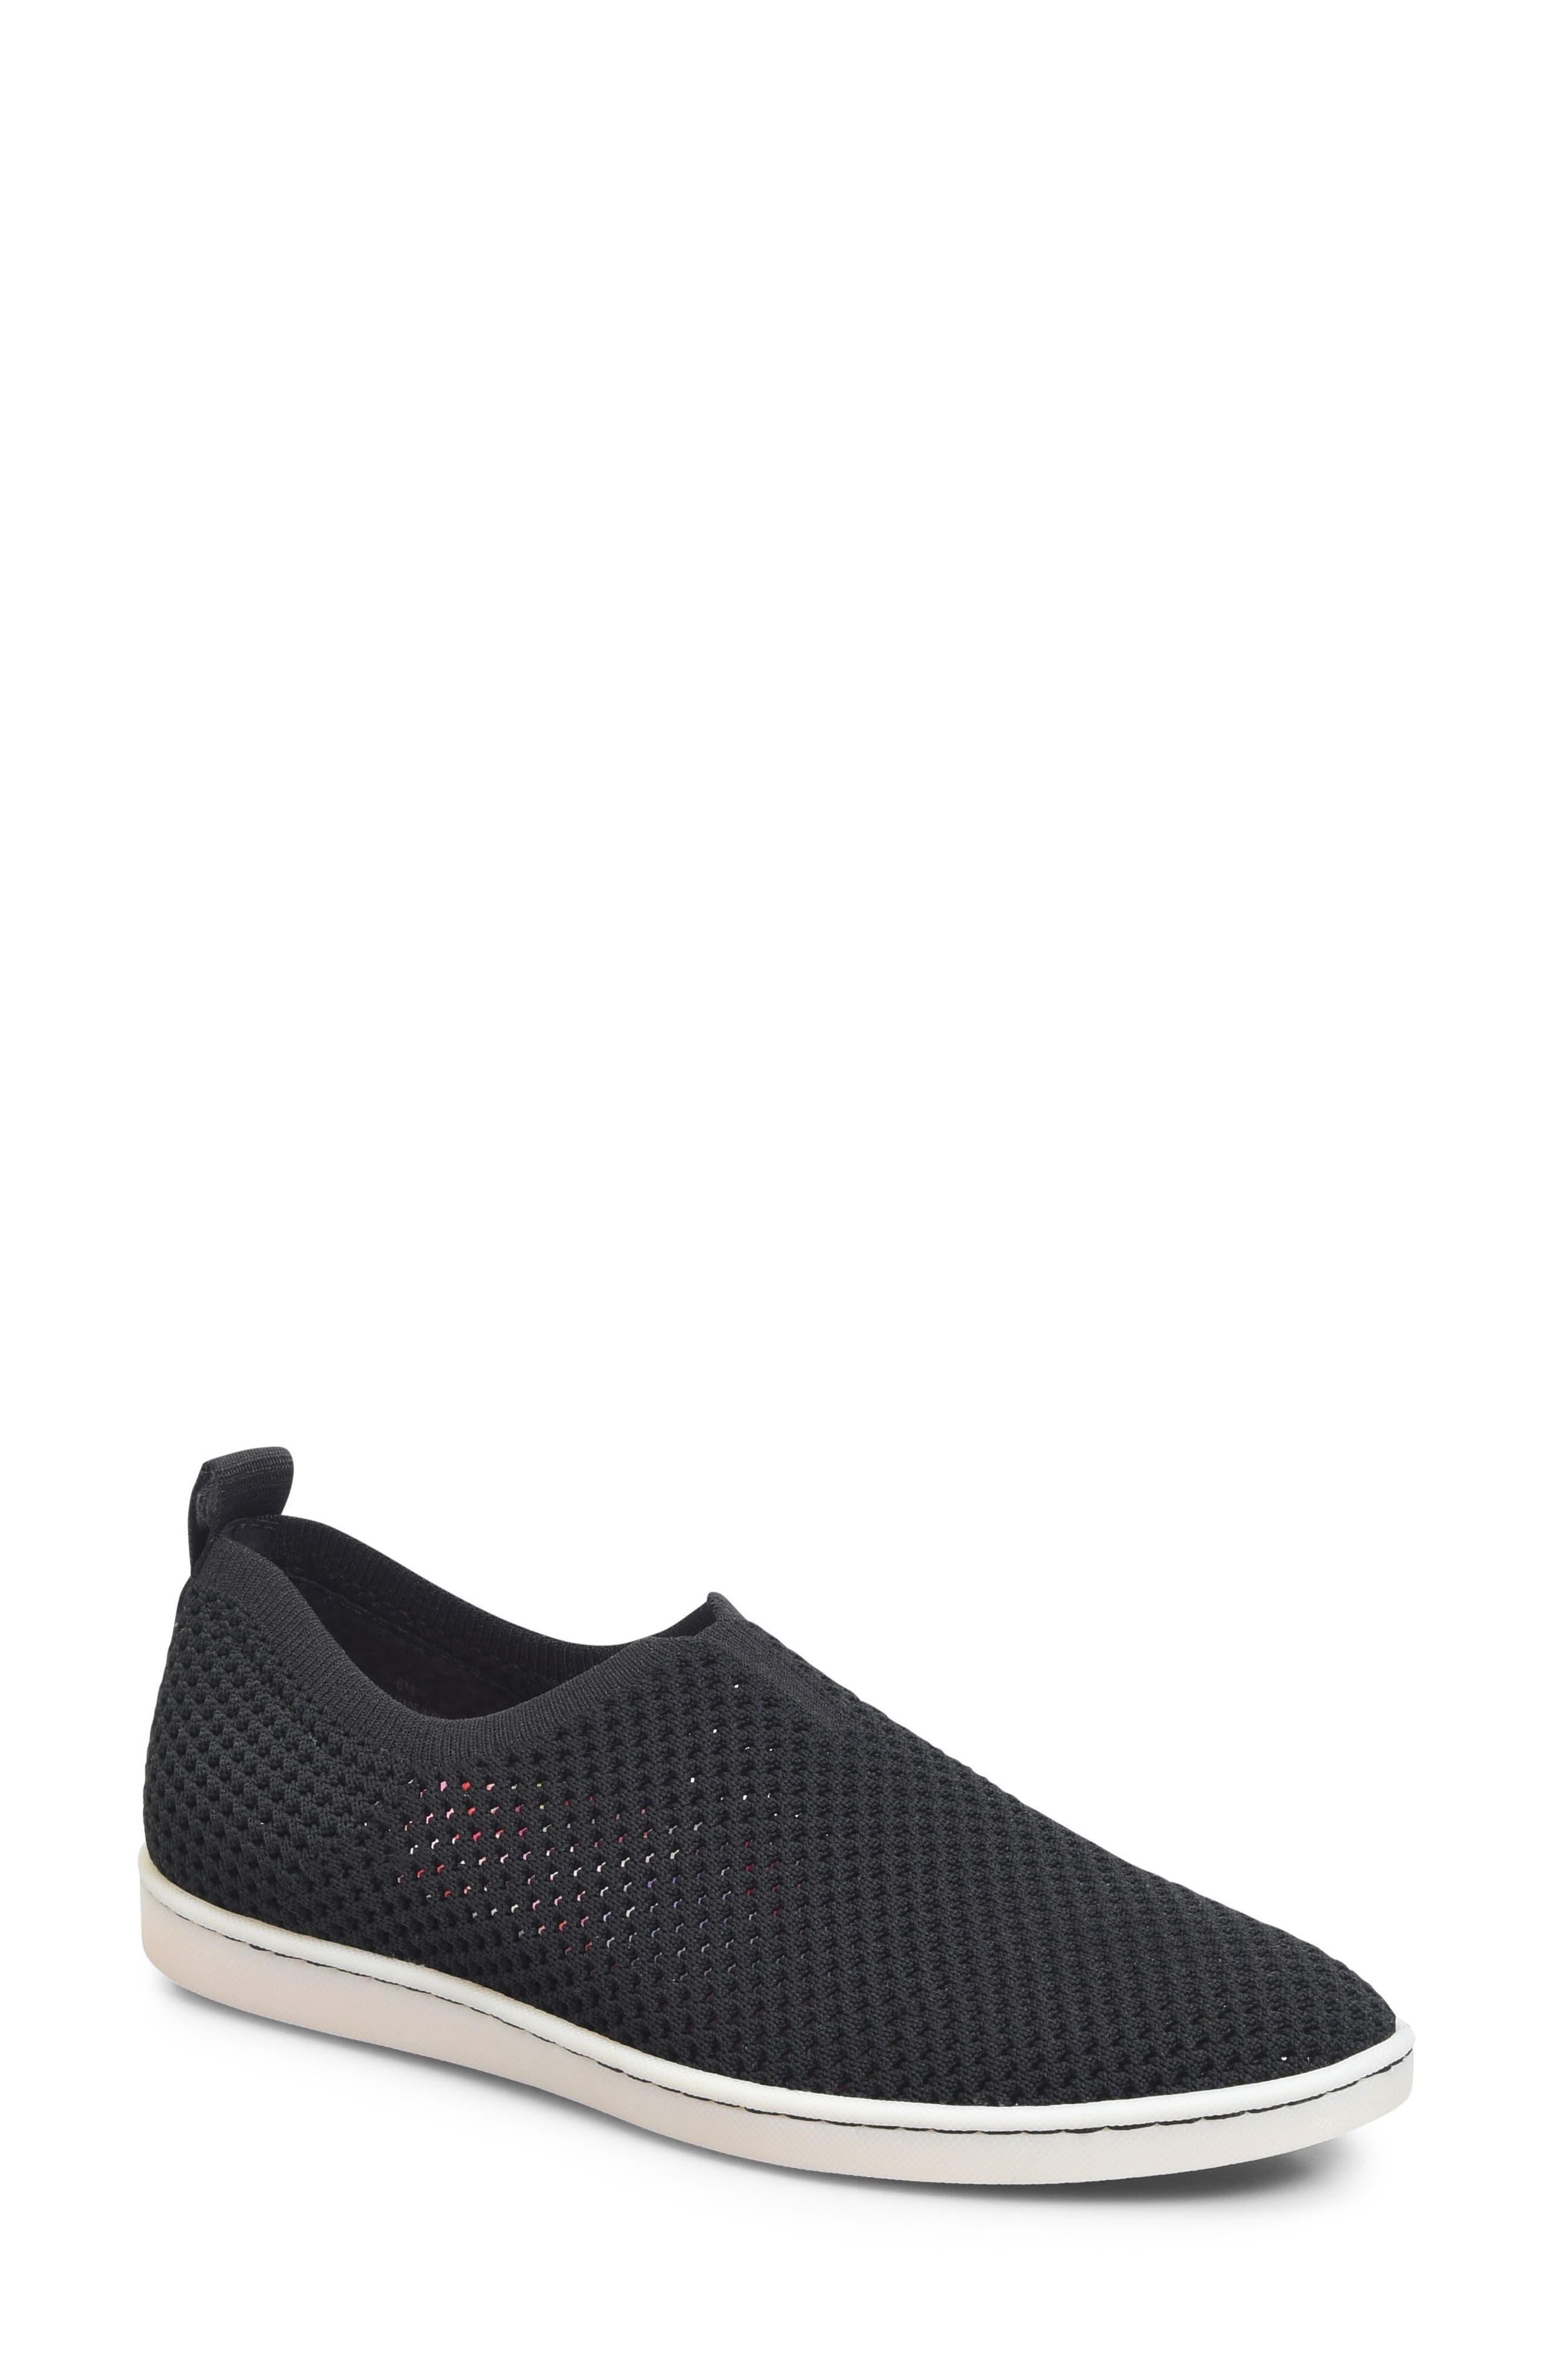 Hazy Slip-On Sneaker,                         Main,                         color,